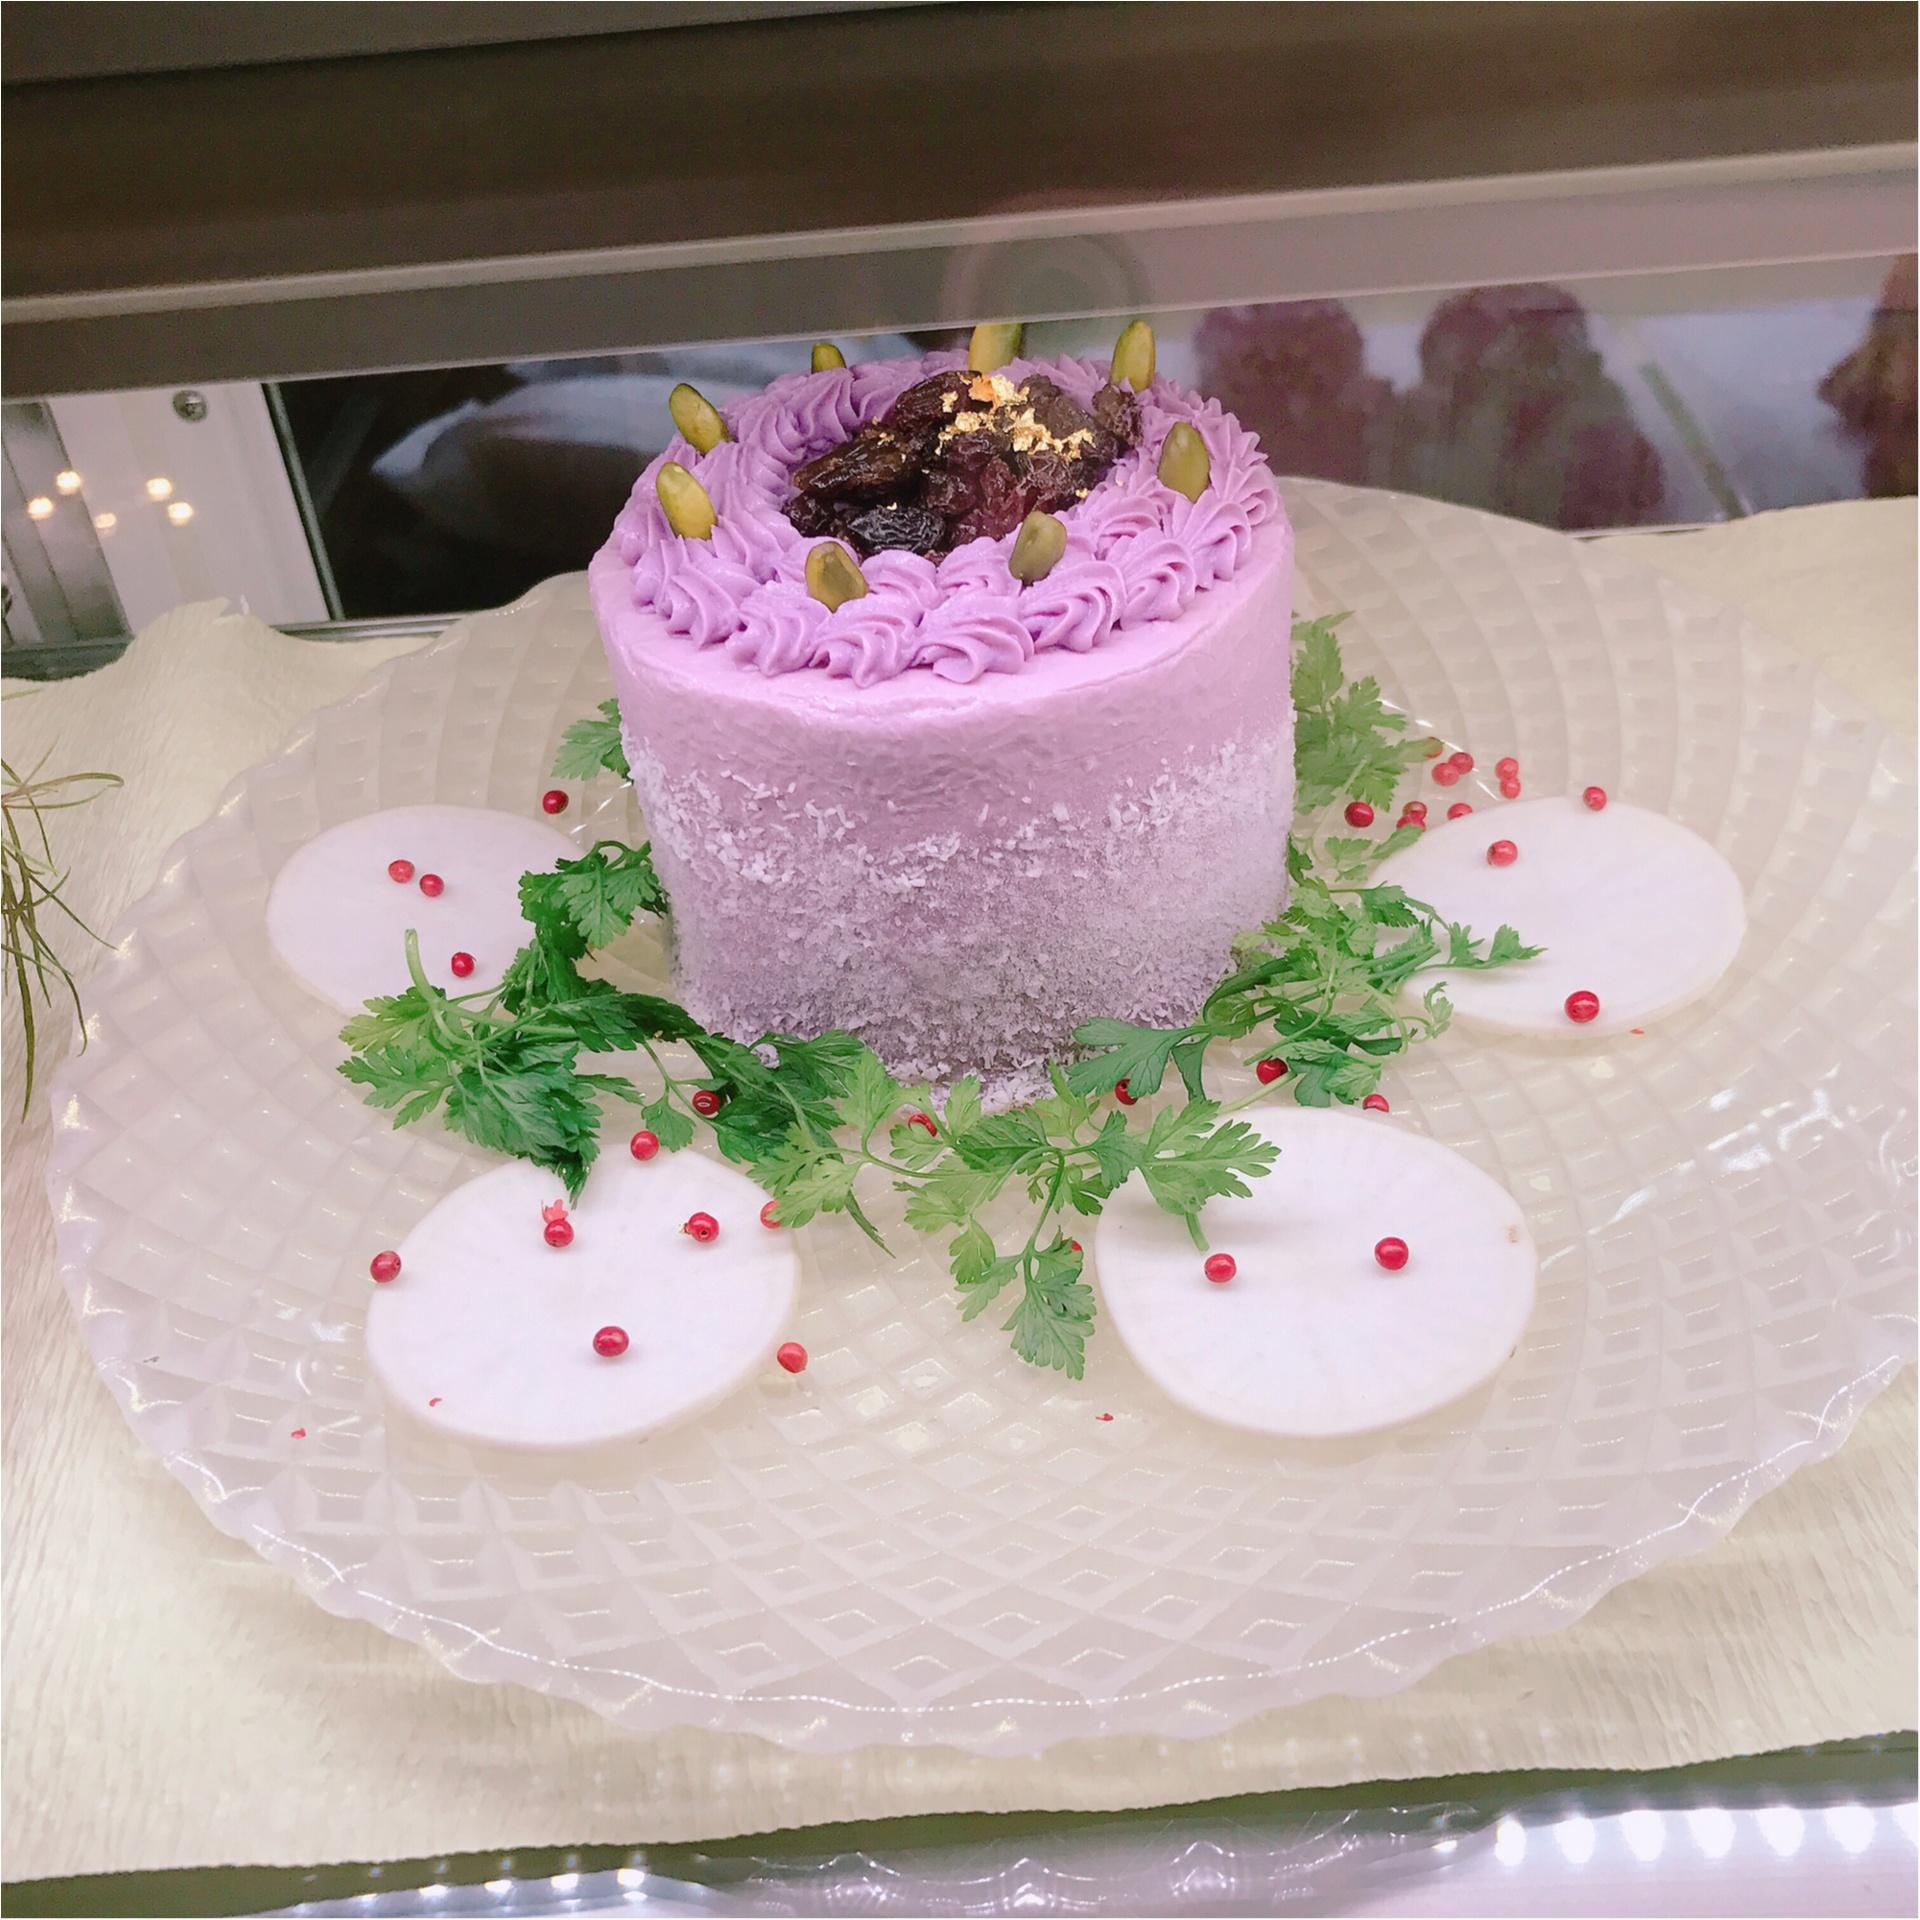 ★甘くないケーキ?!フォトジェニック&とーってもヘルシーな『ベジデコサラダ 』★_5